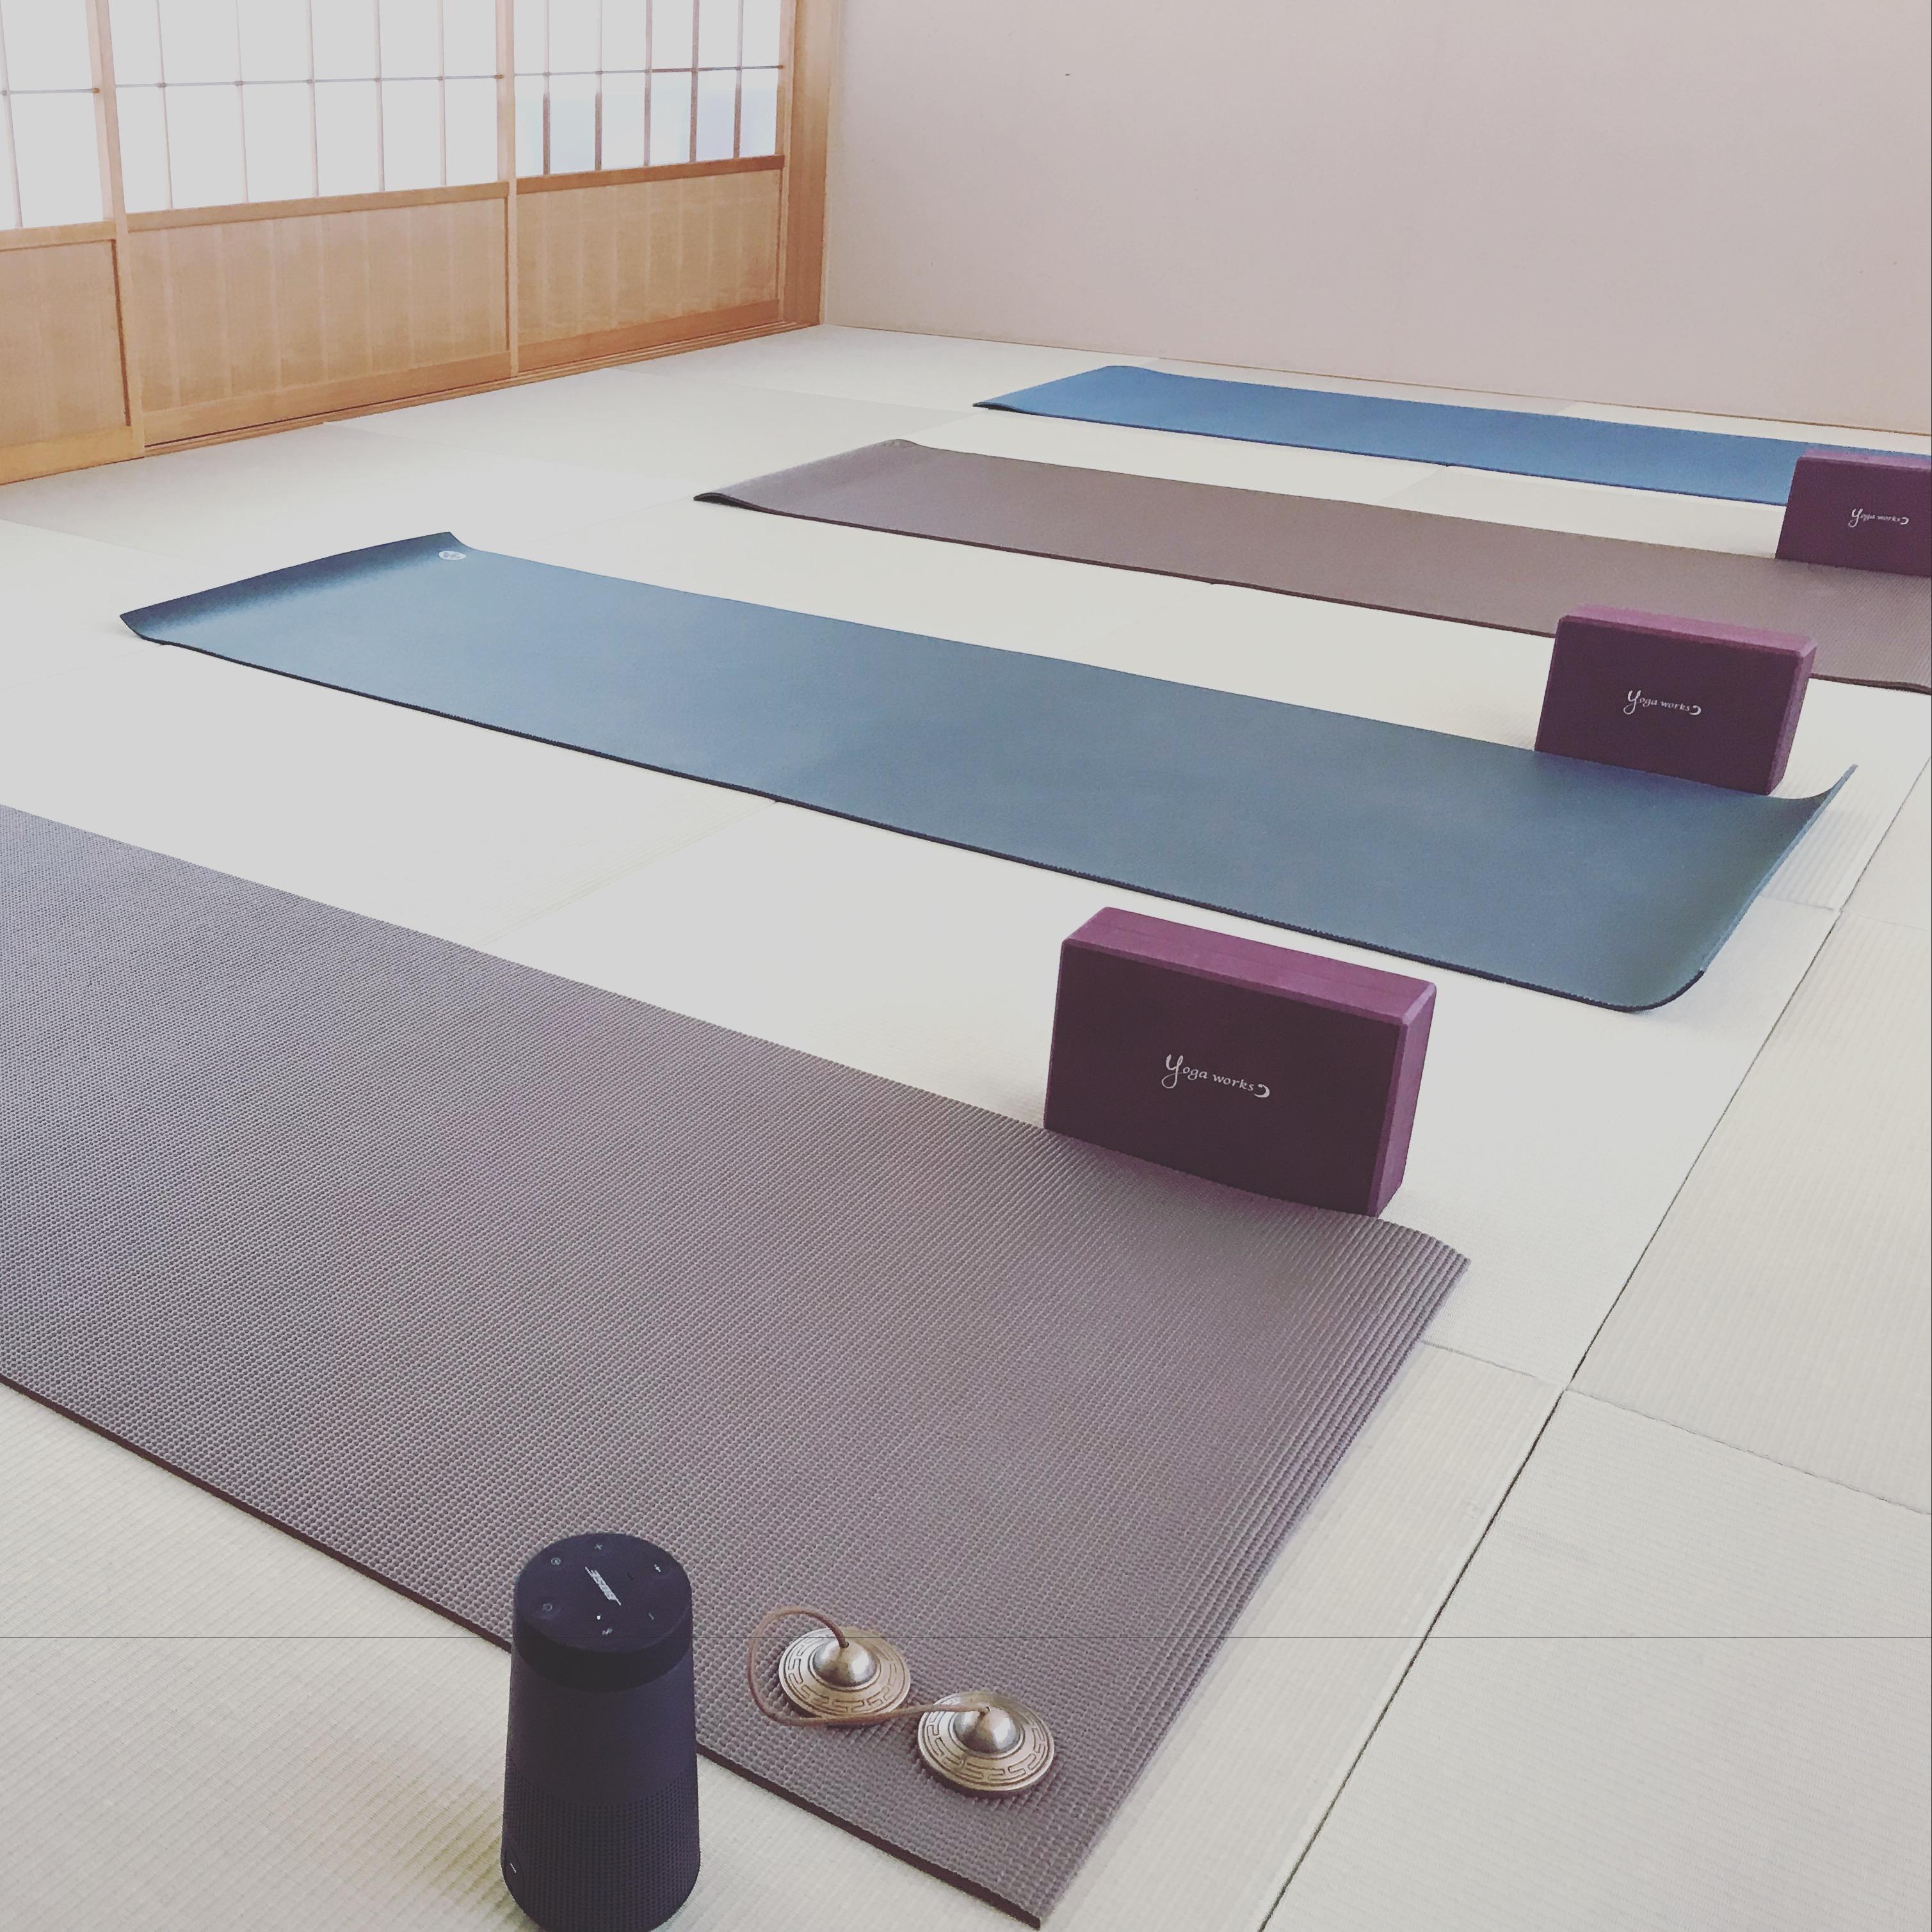 Daily Yoga Kitchen 押上クラスの画像